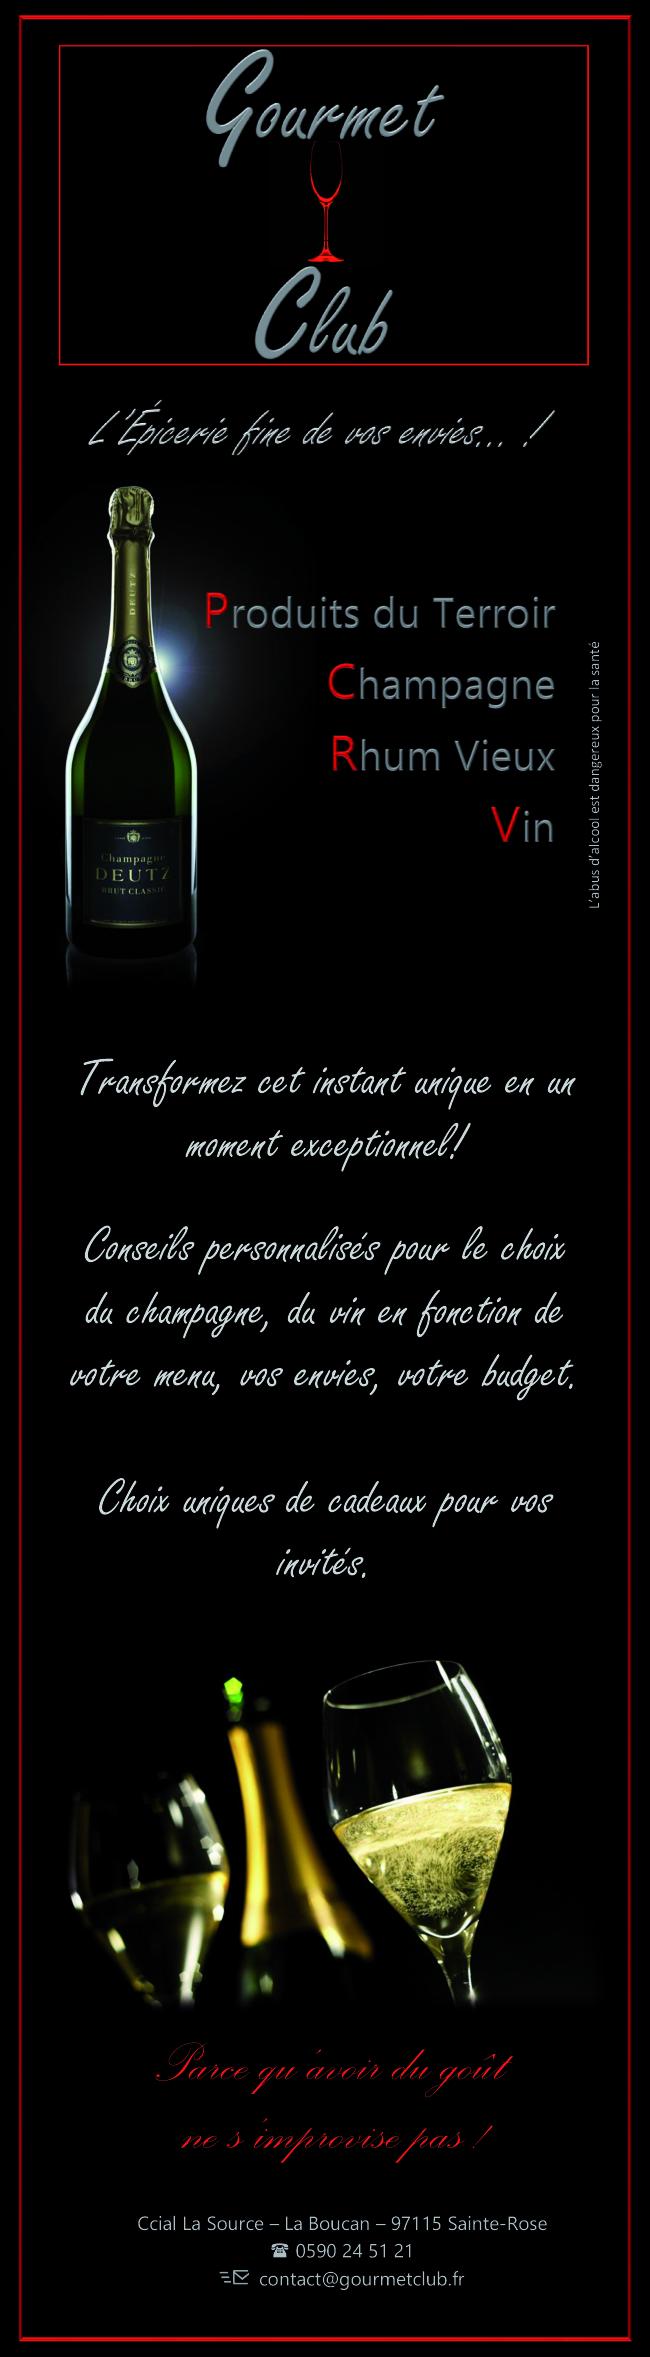 gourmet_club_vin